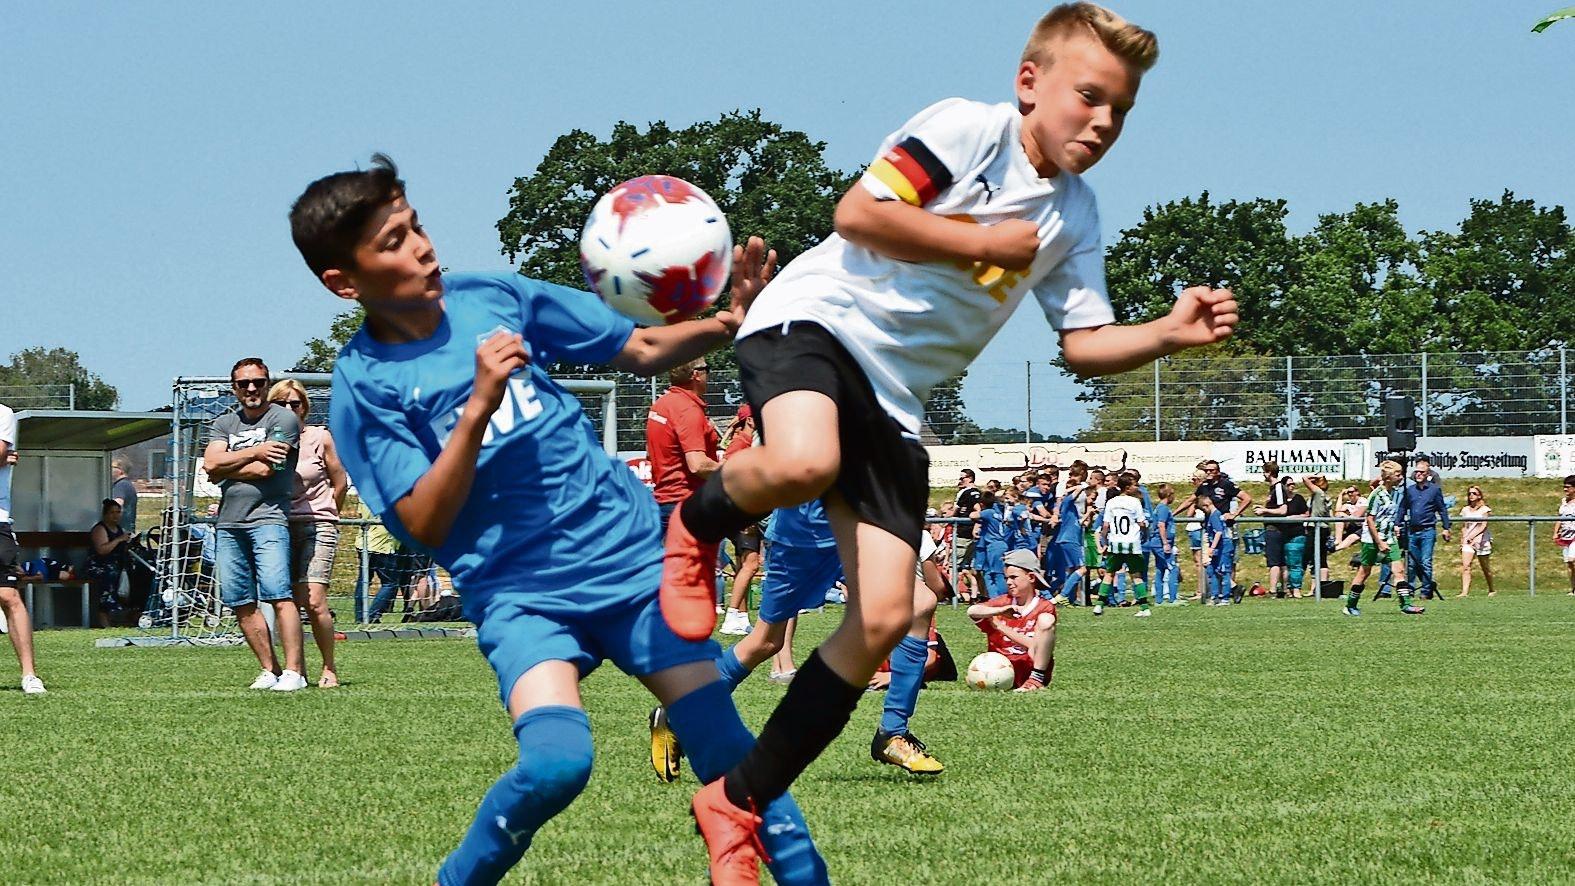 Endlich wieder kicken: Die jungen Fußballer hoffen auf baldige Rückkehr auf den grünen Rasen. Im Freien droht eine wesentlich geringere Ansteckungsgefahr als in geschlossenen Räumen. Foto: Bettenstaedt